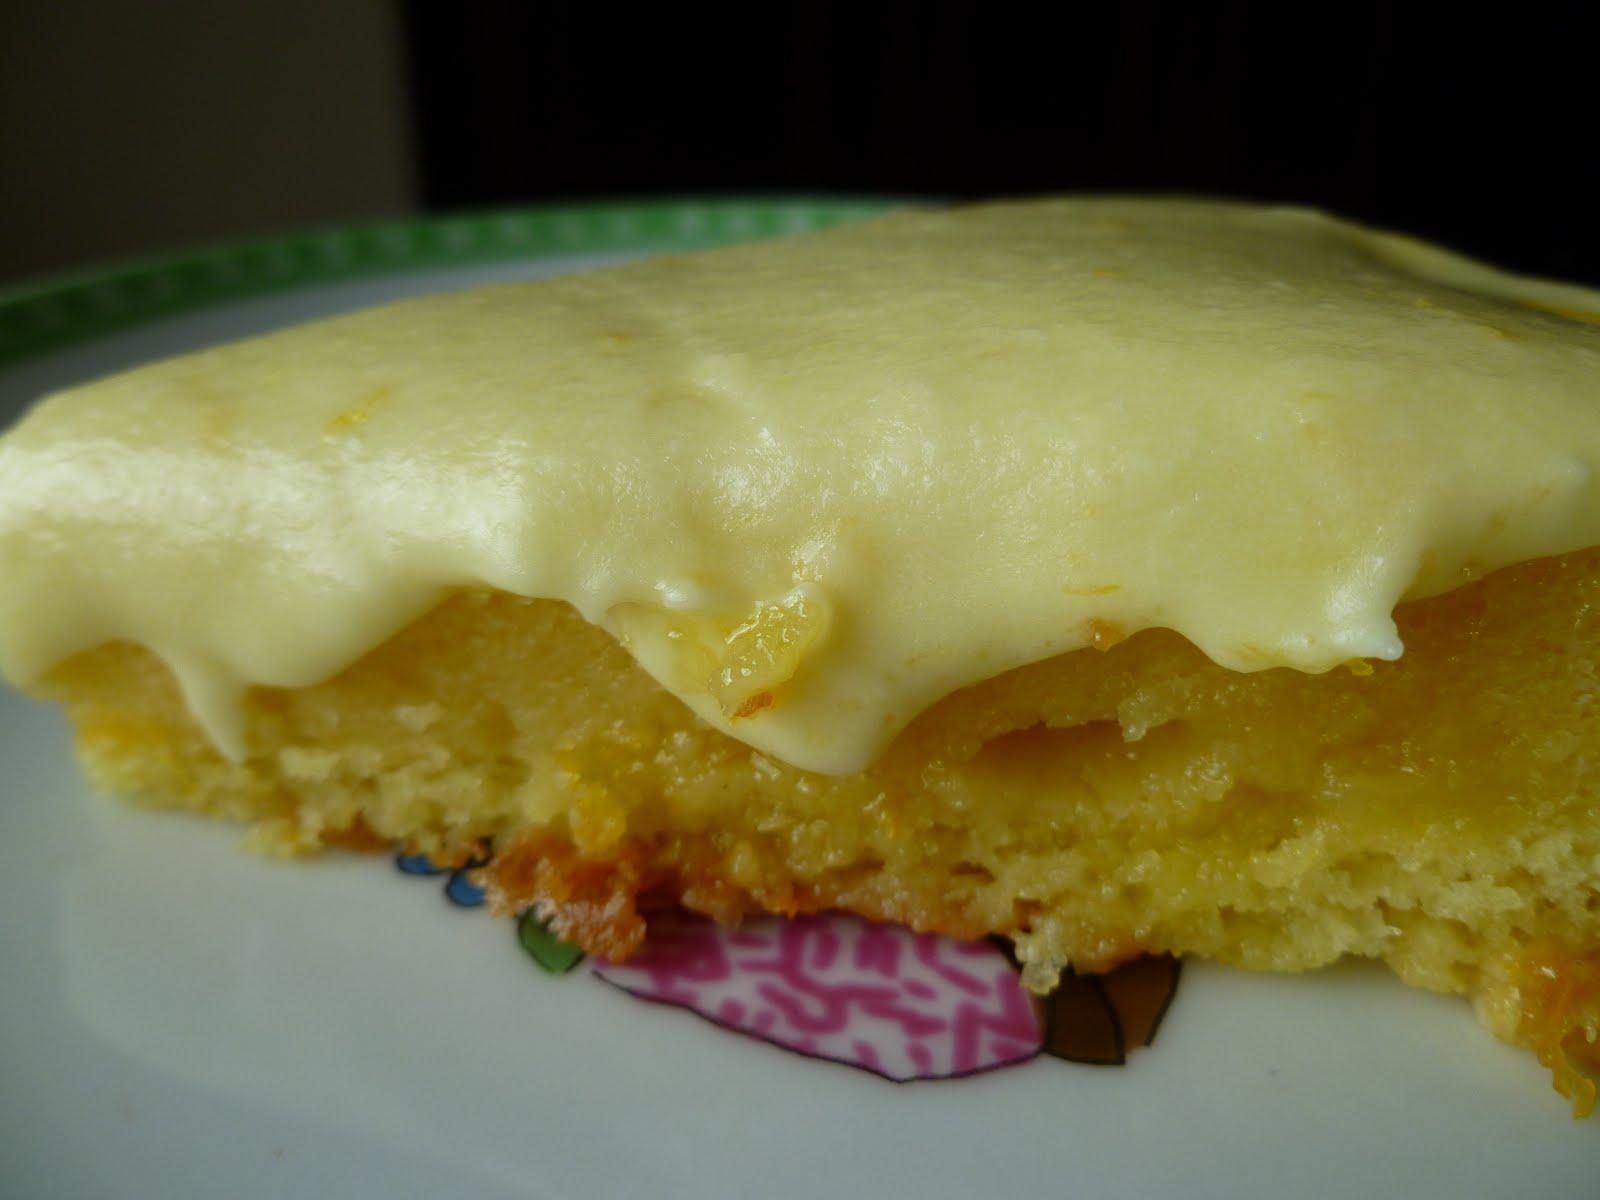 The Pastry Chefs Baking Orange Velvet Cake